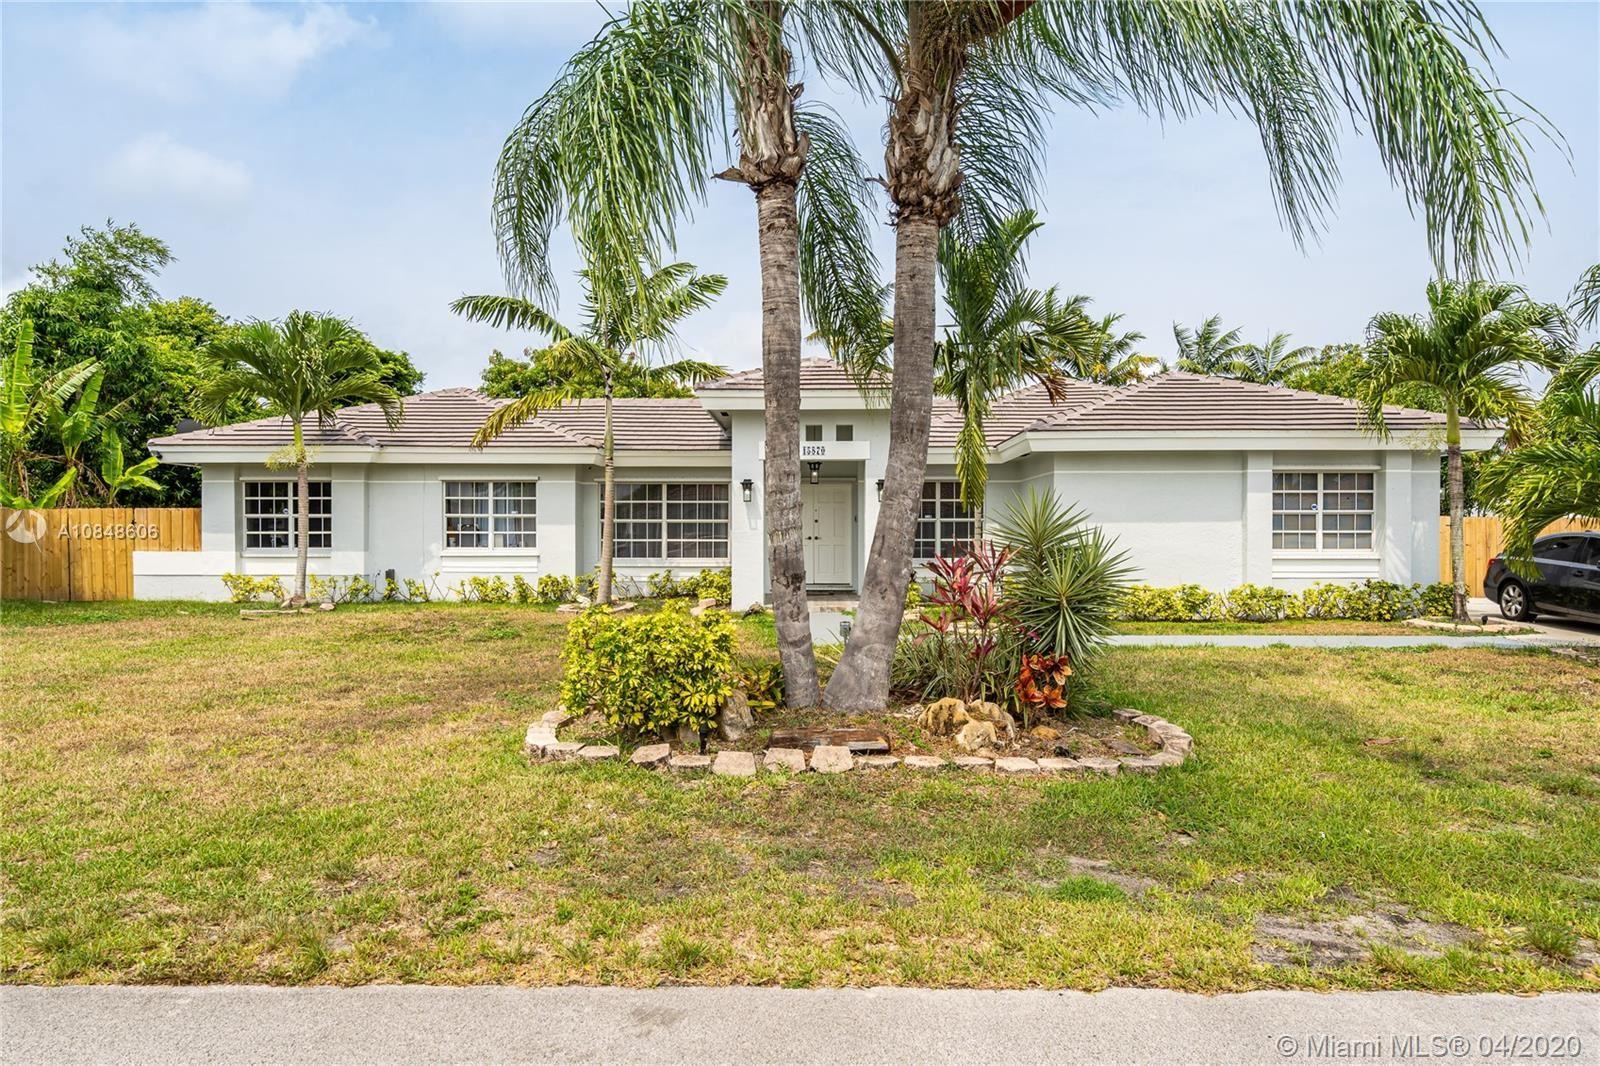 15870 SW 153rd Ct, Miami, FL 33187 - #: A10848606